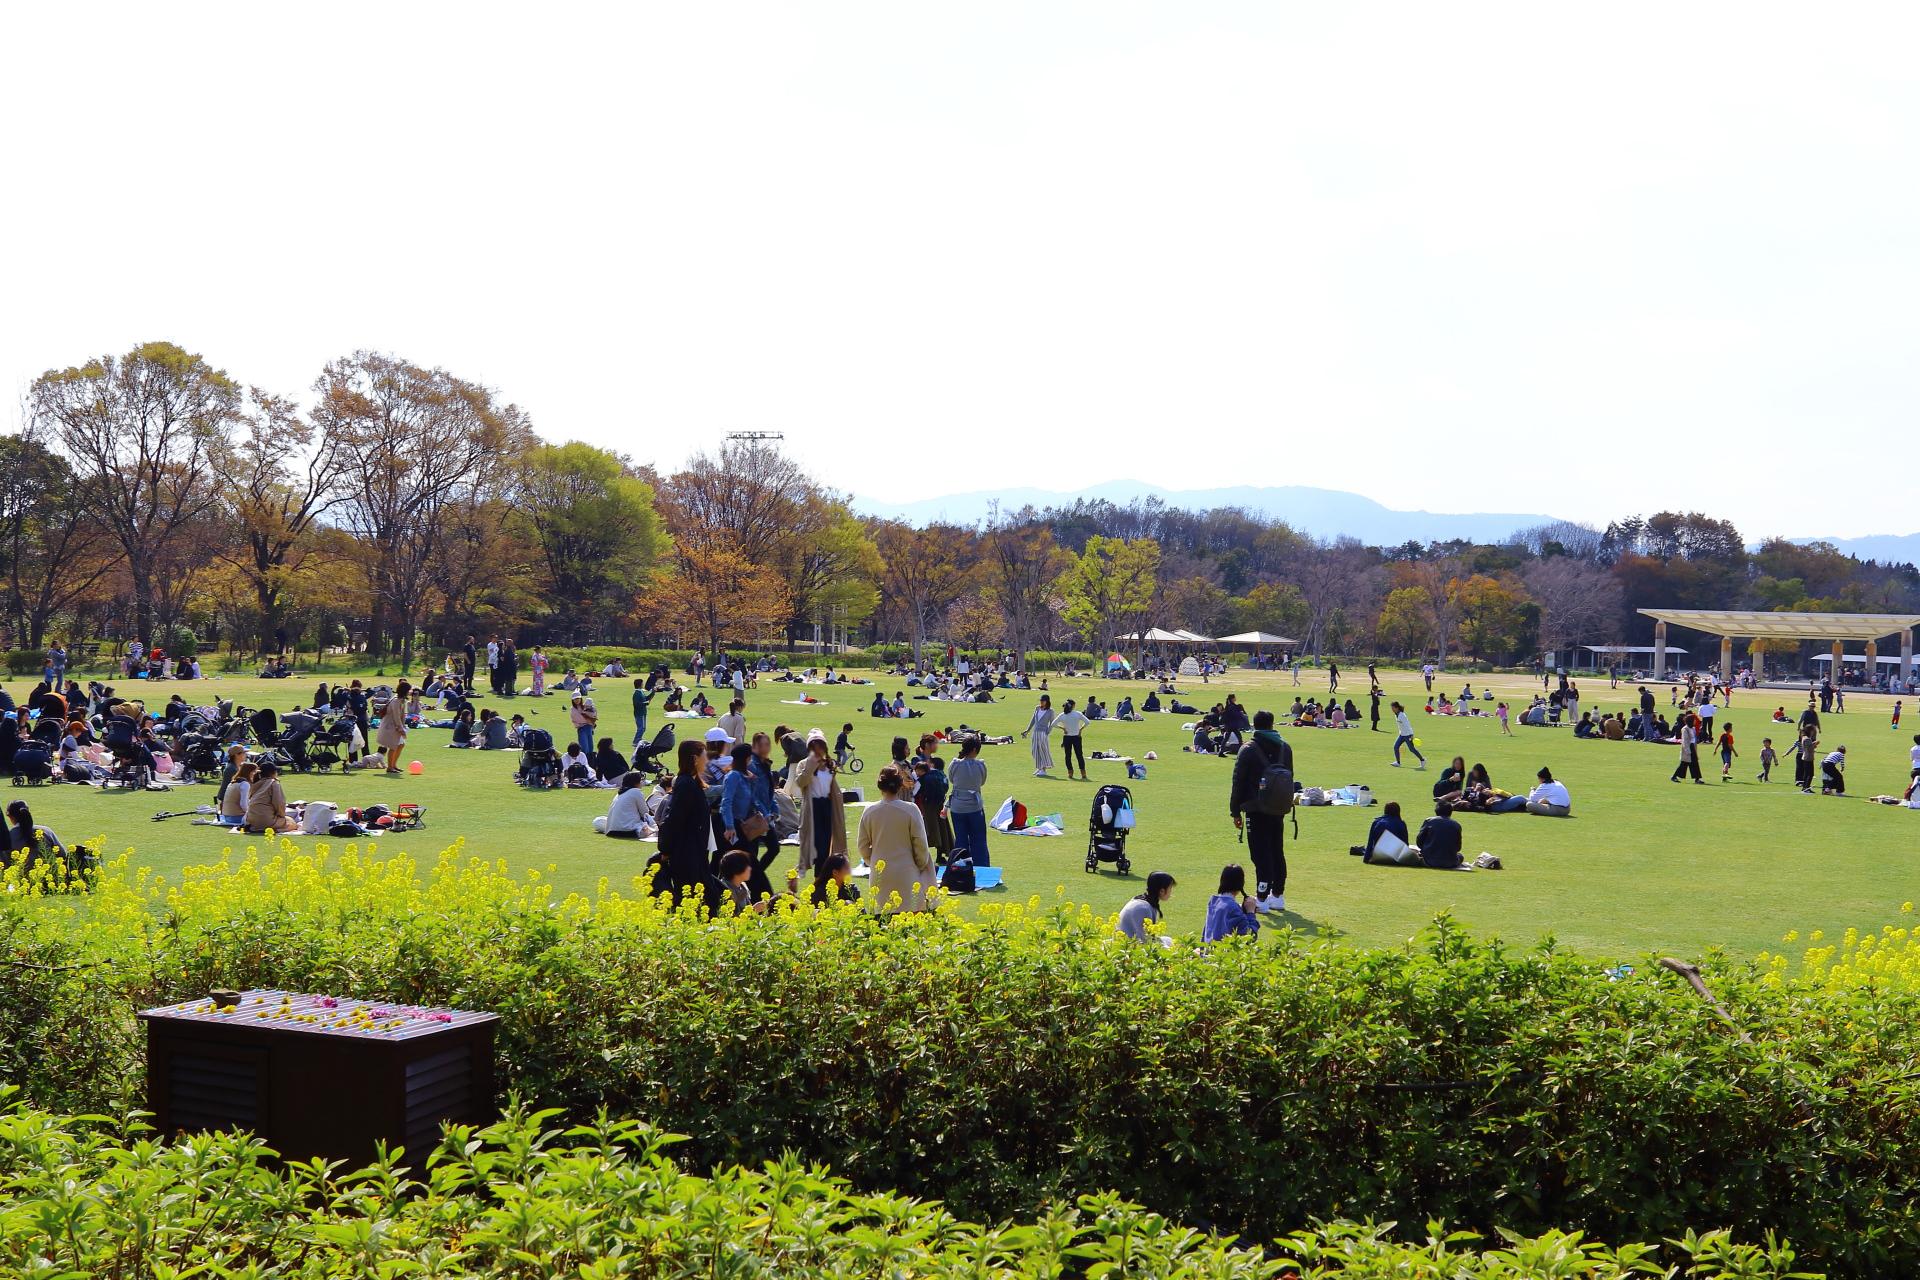 面積約13.7ヘクタールの都市公園「京都・梅小路公園」